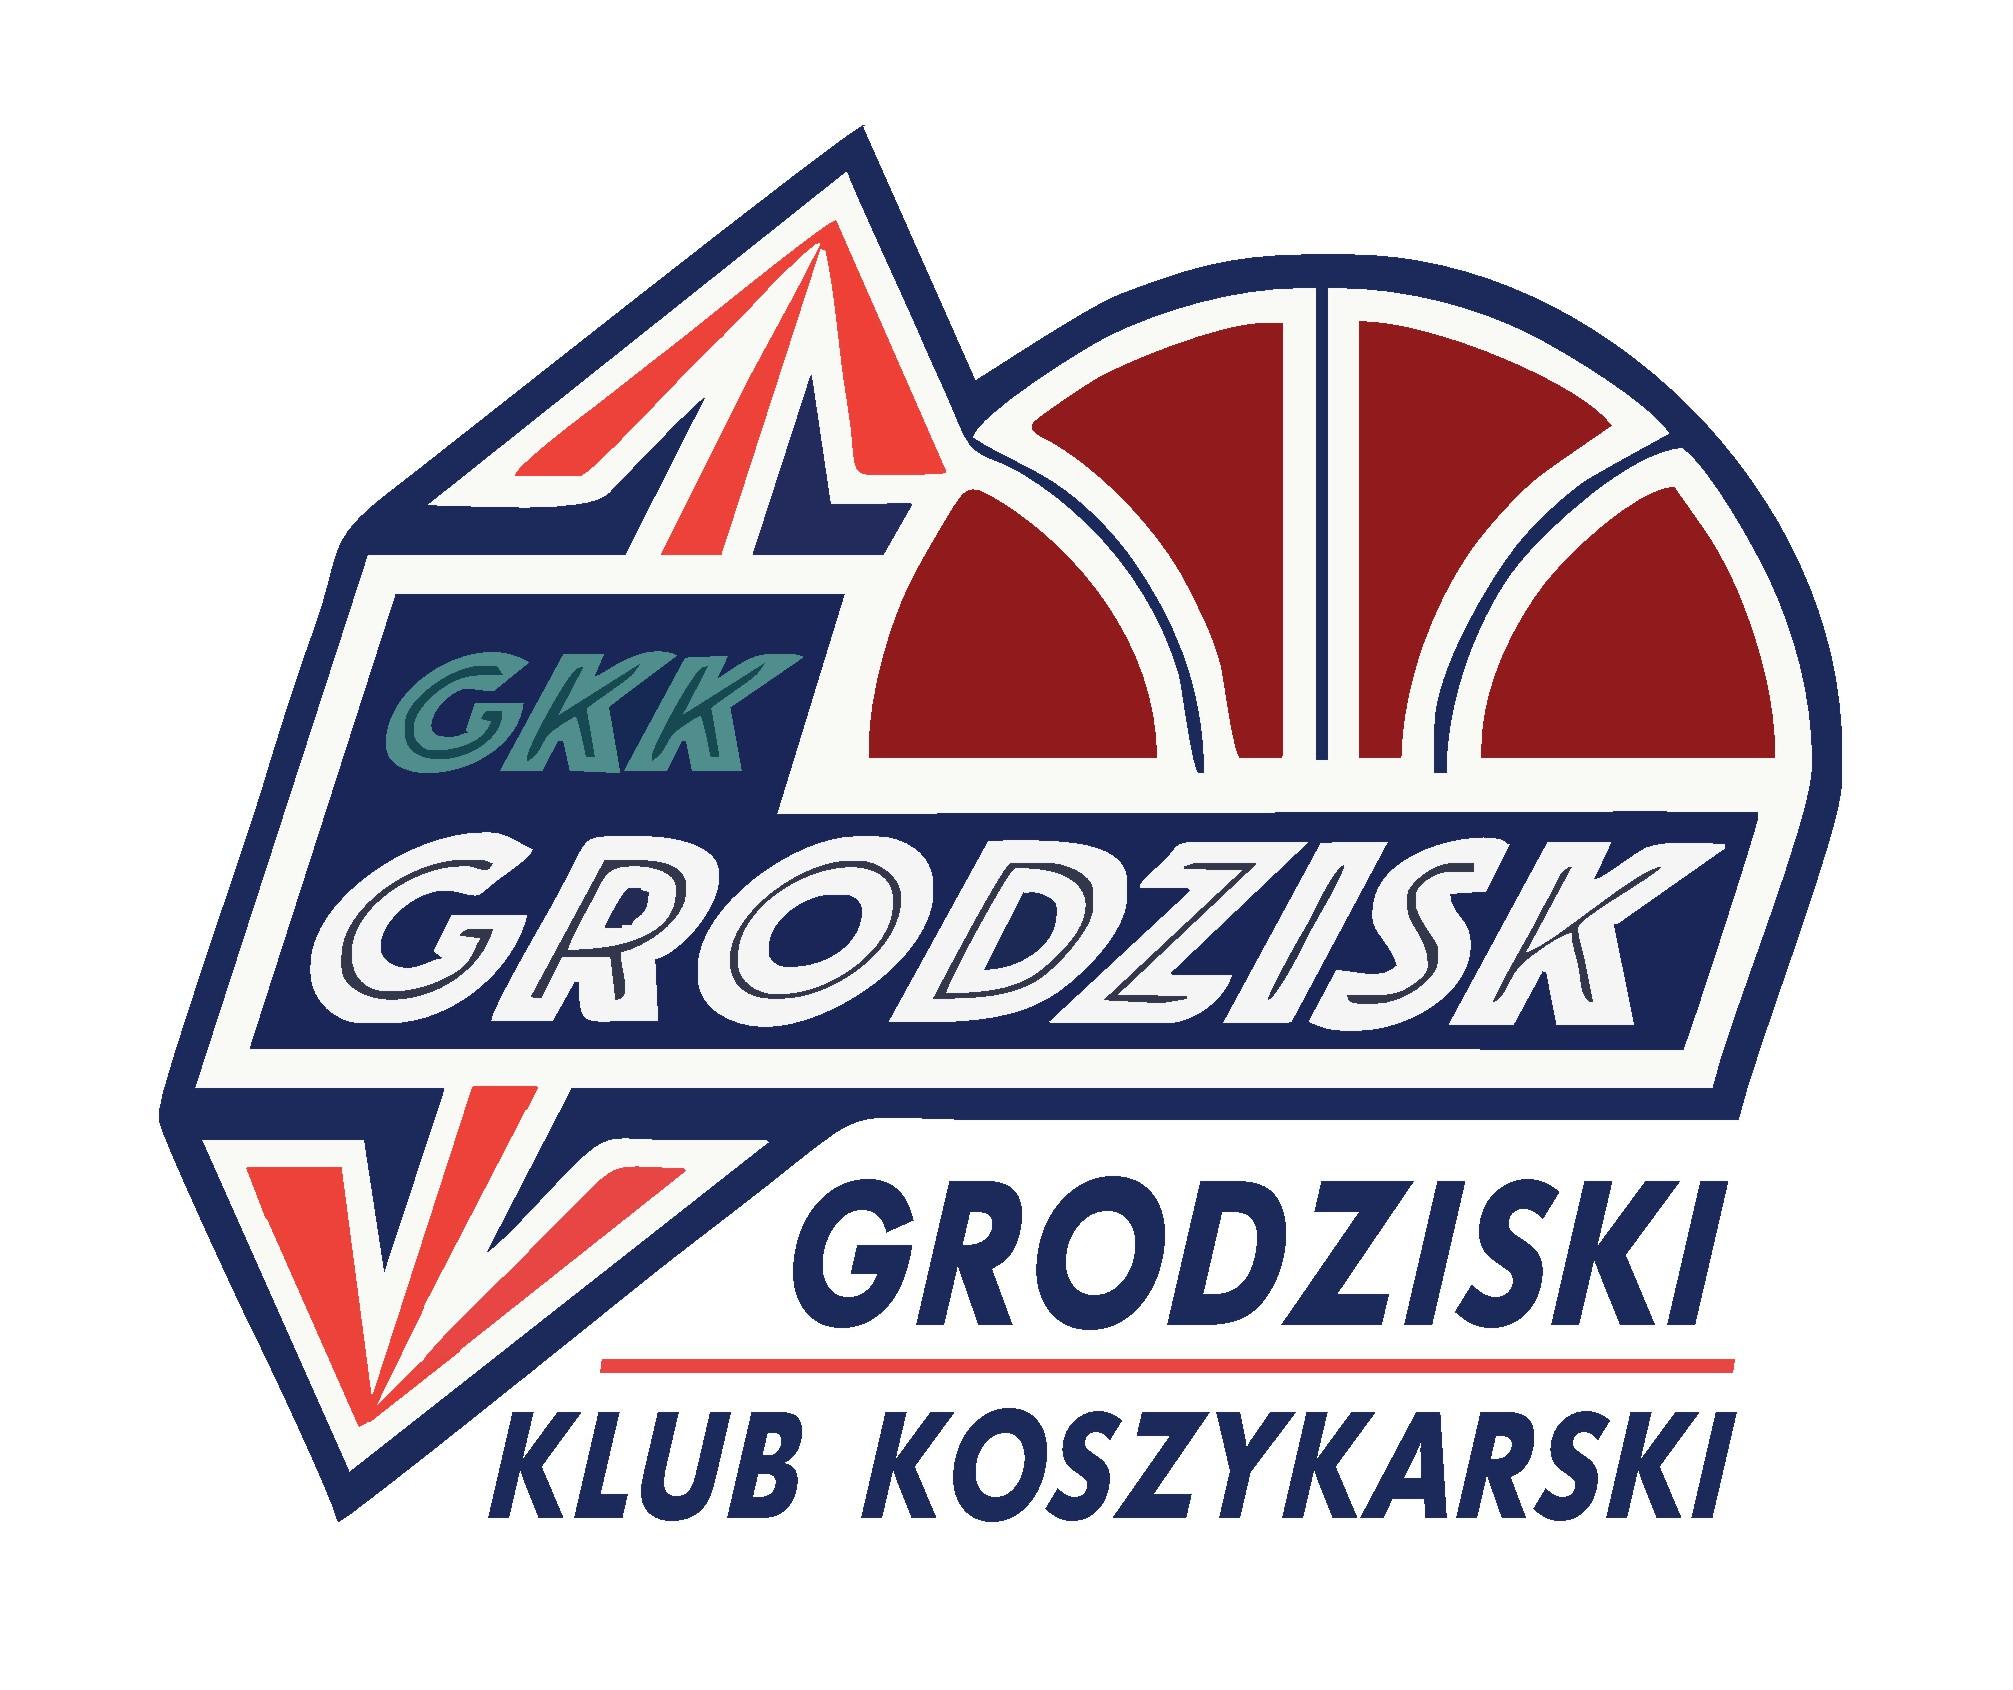 Grodziski Klub Koszykarski